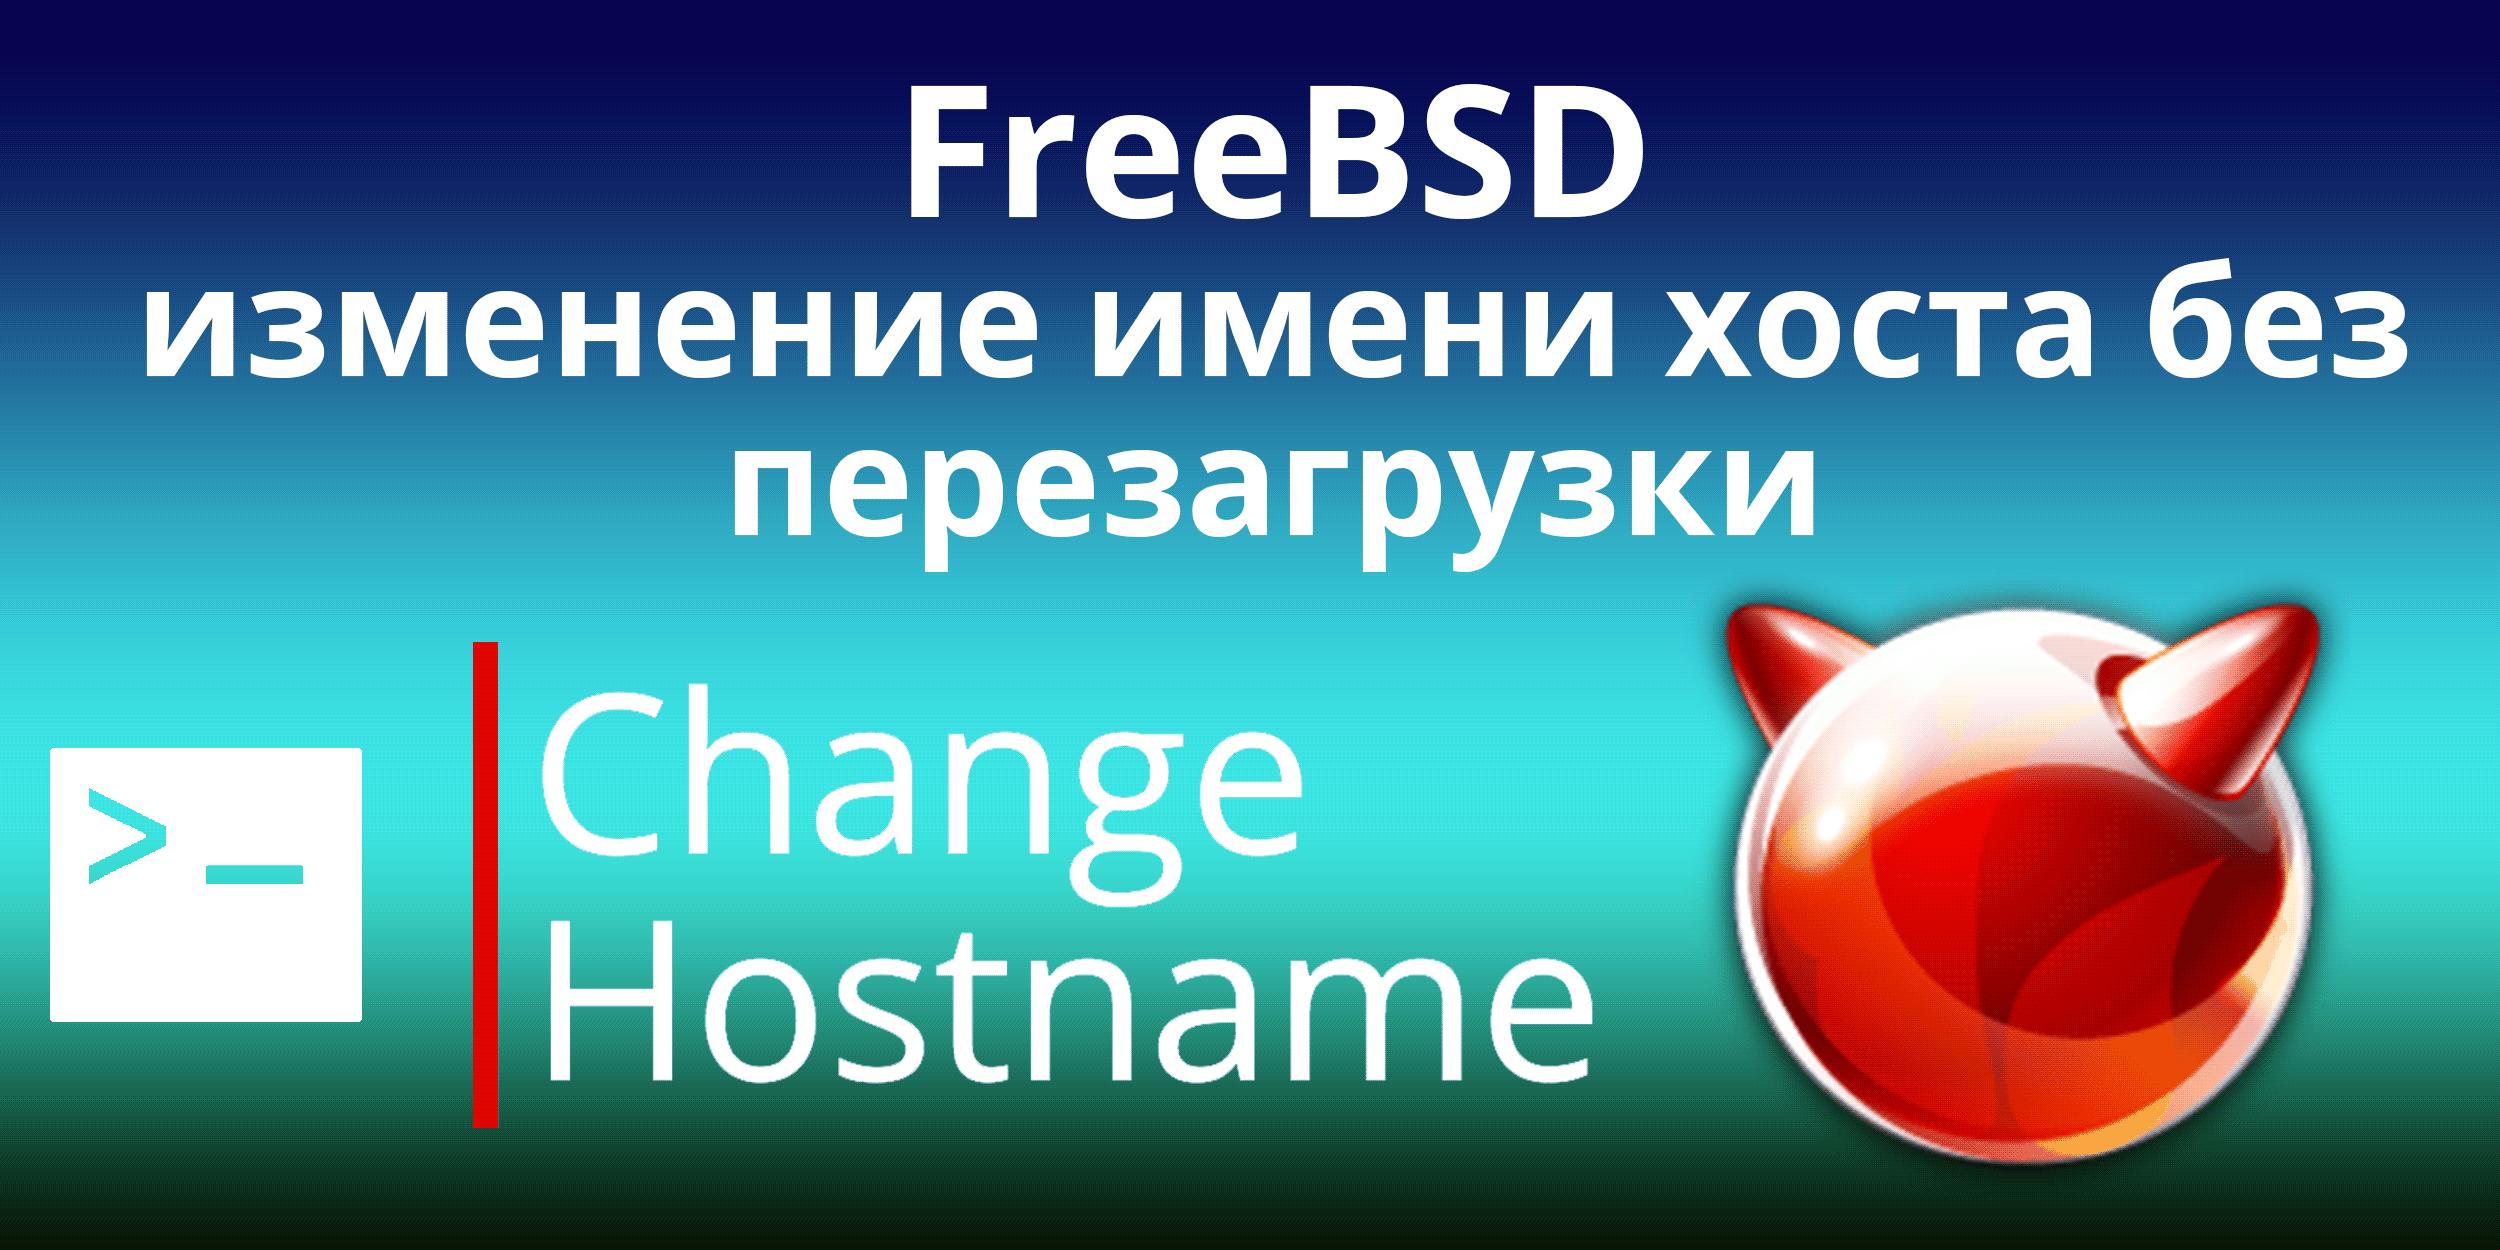 FreeBSD изменение имени хоста без перезагрузки